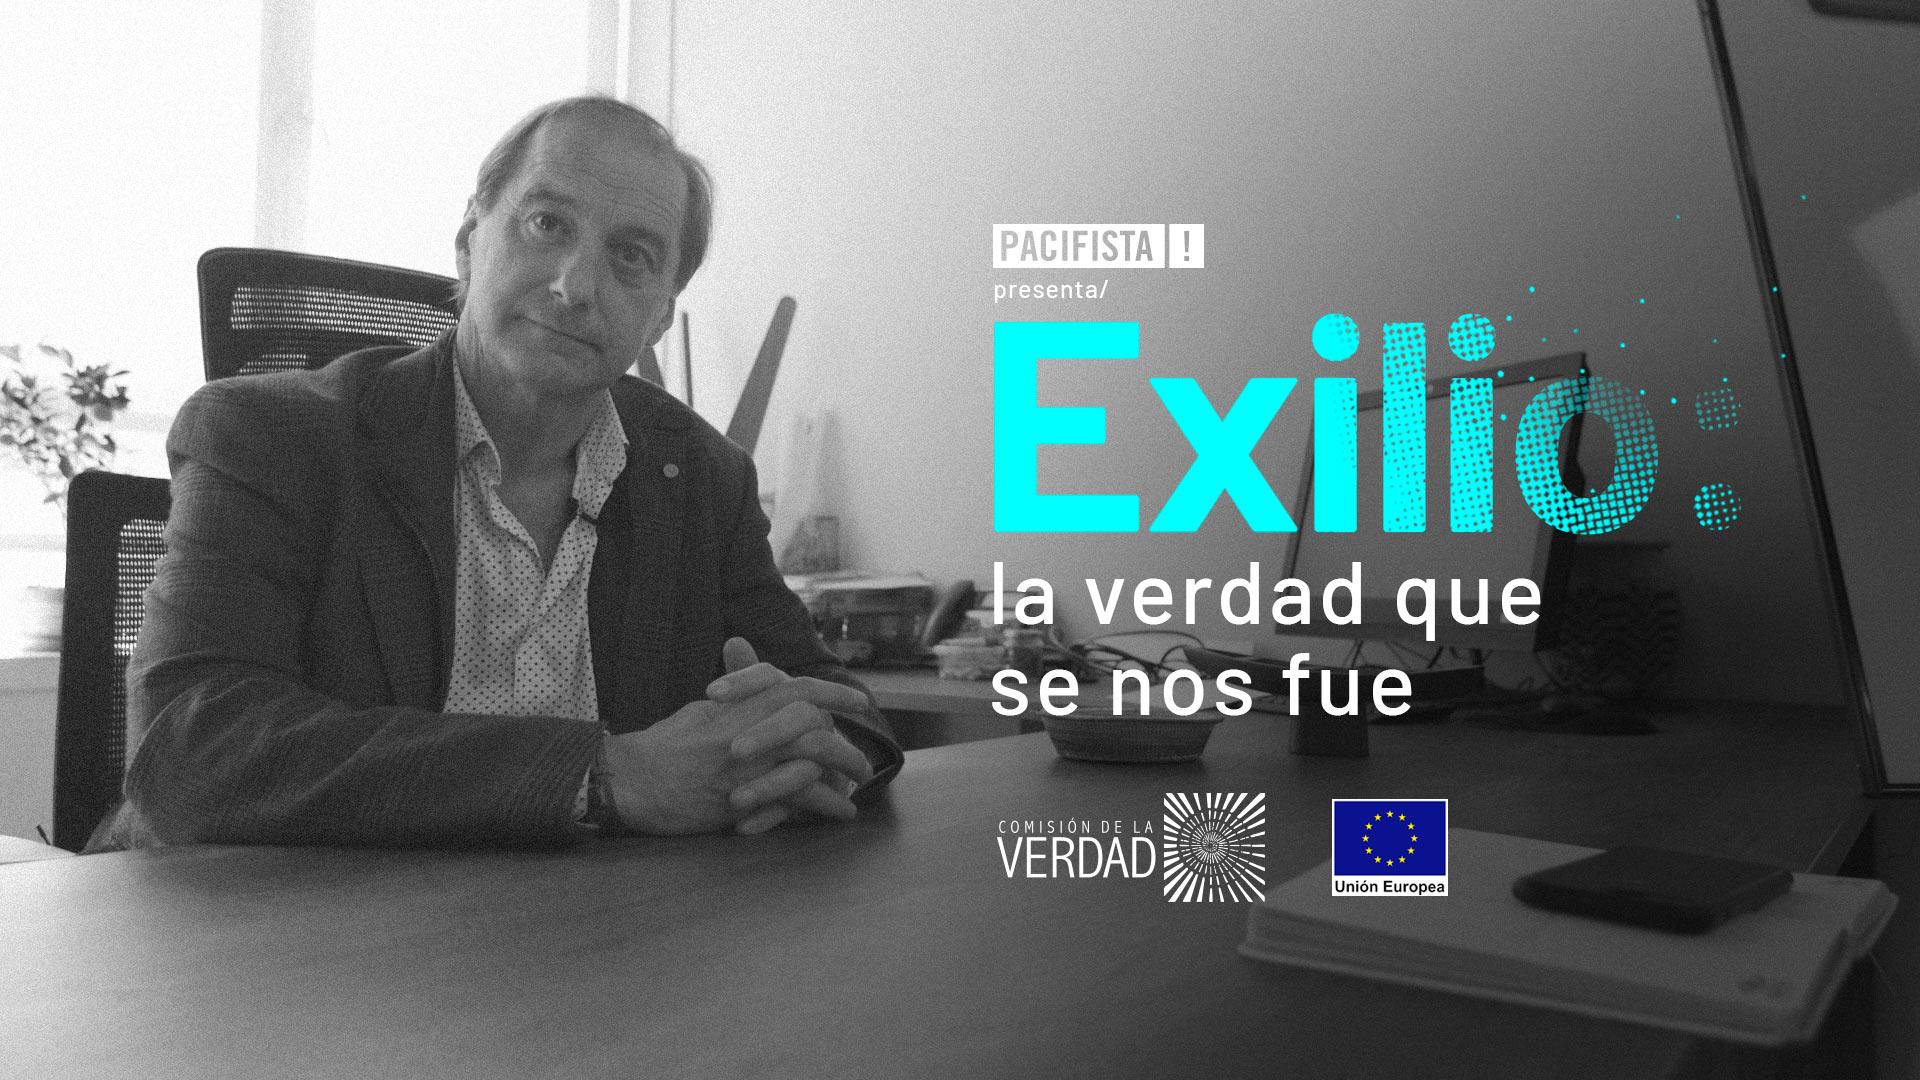 PACIFISTA! presenta |Exilio: la verdad que se nos fue